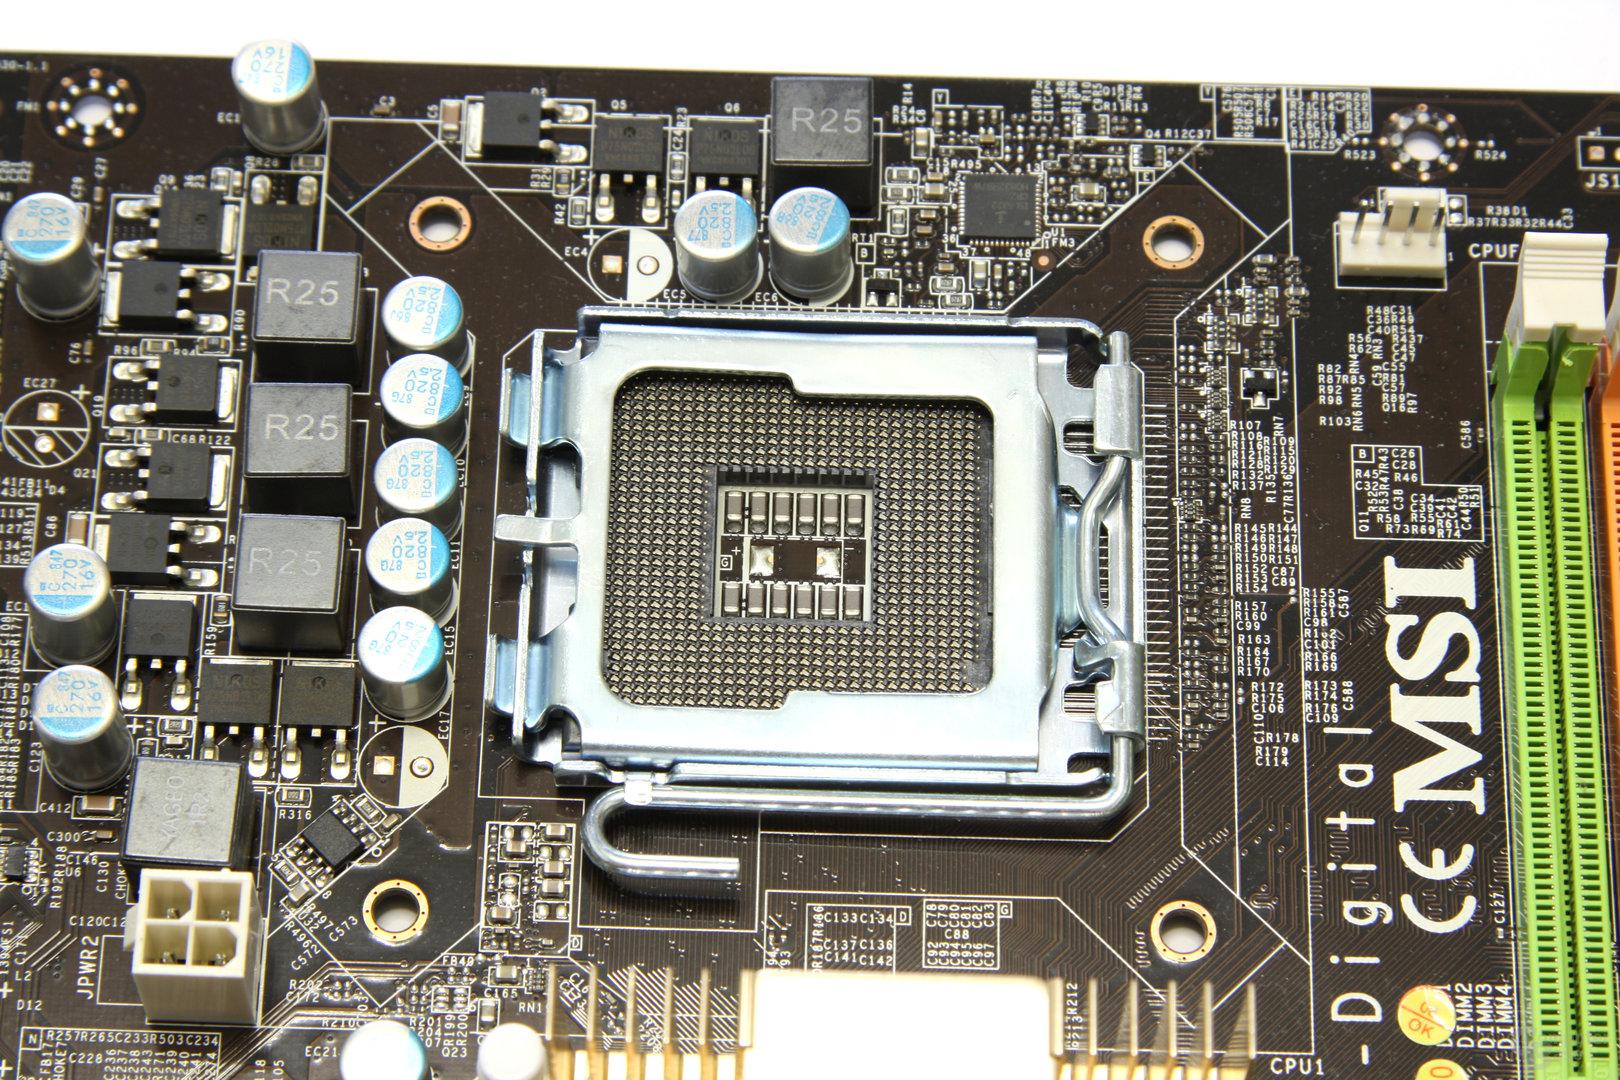 MSI P7NGM-Digital CPU-Sockel